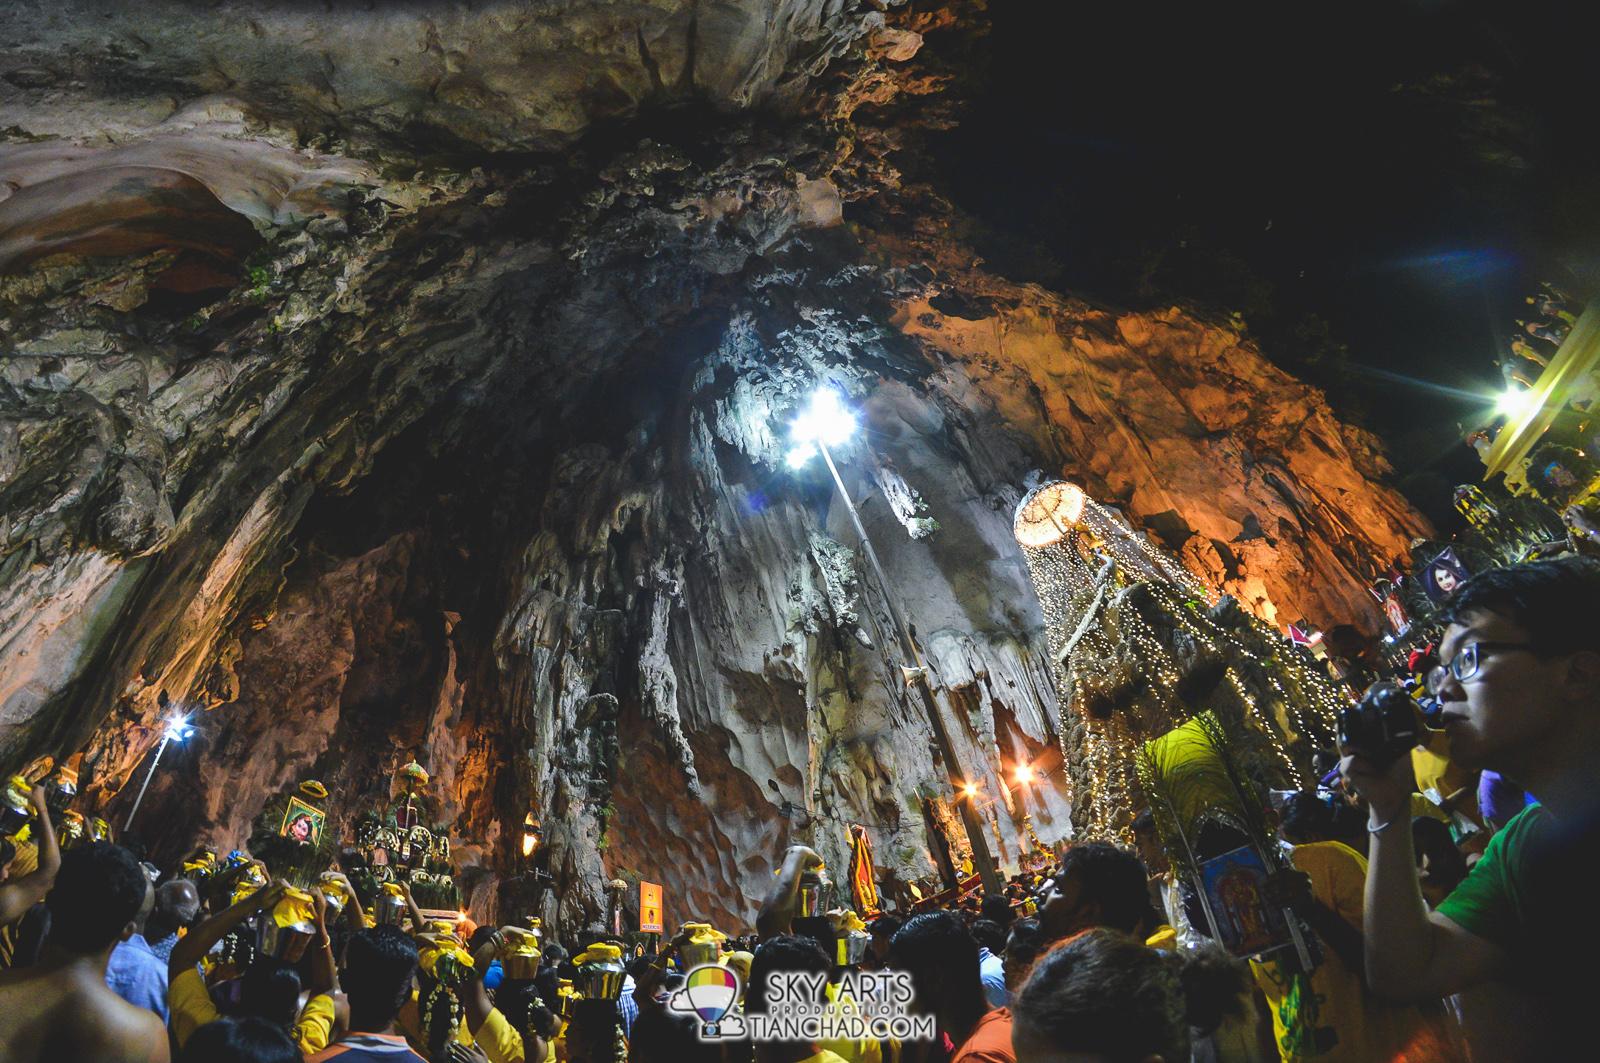 The interior of Batu Caves during Thaipusam 2015